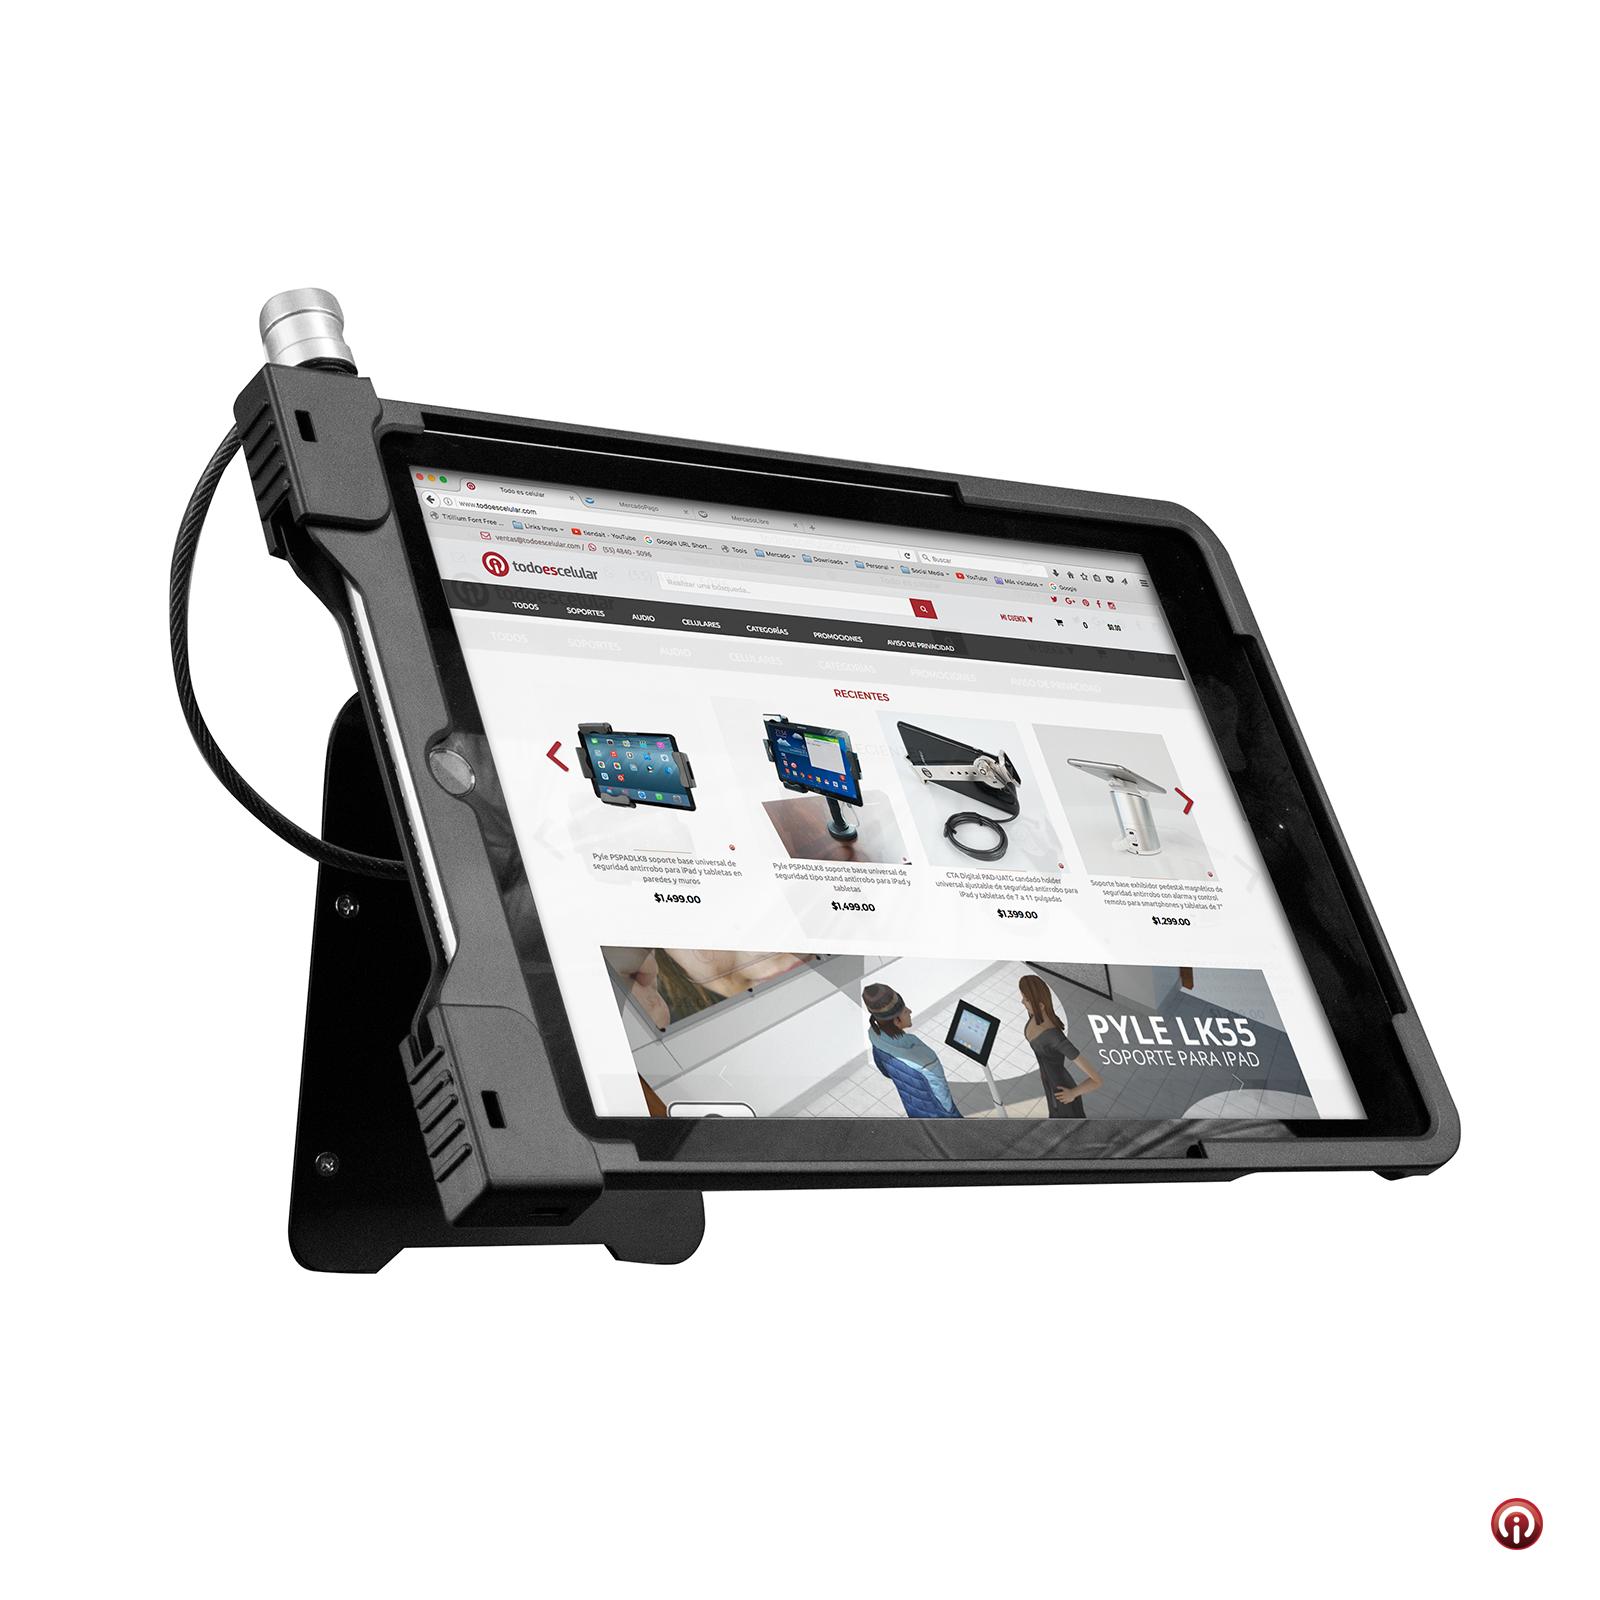 PADASCS-10-CTA-digital-soporte-pared-ipad-air-pro-seguridad-antirrobo-chapa-candado